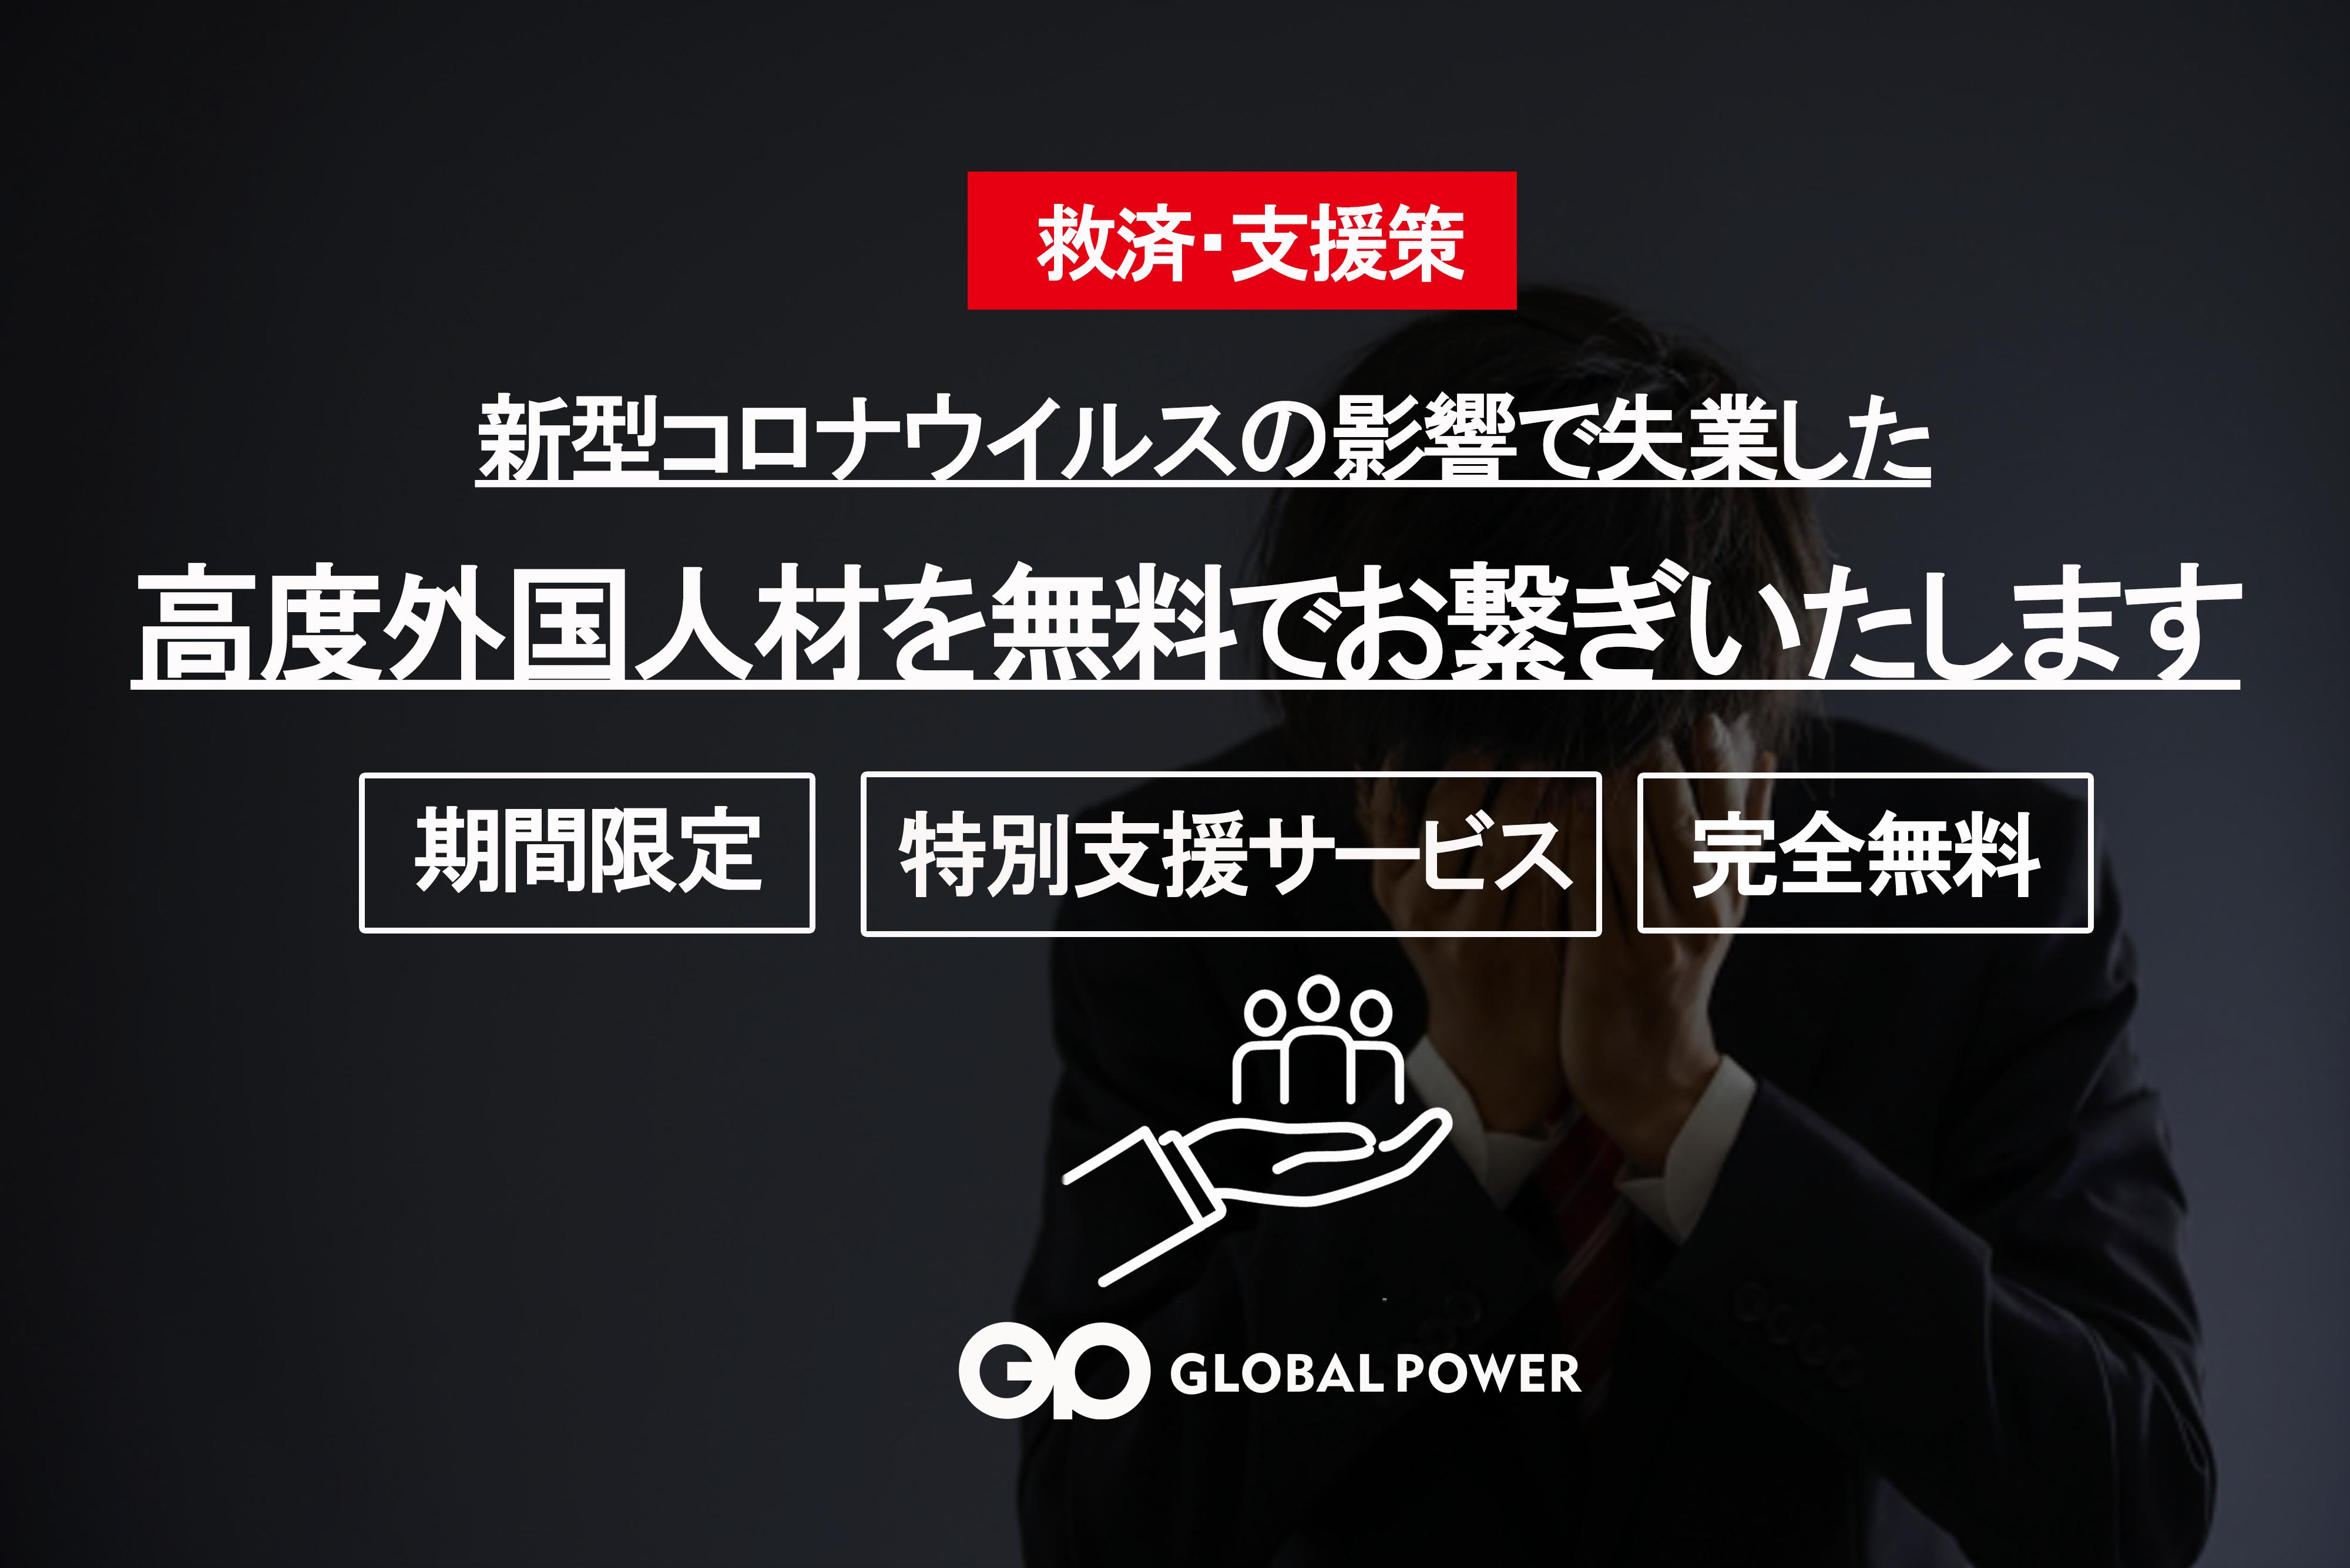 失業者支援プロジェクトが日経新聞に掲載、他40媒体に転載されました